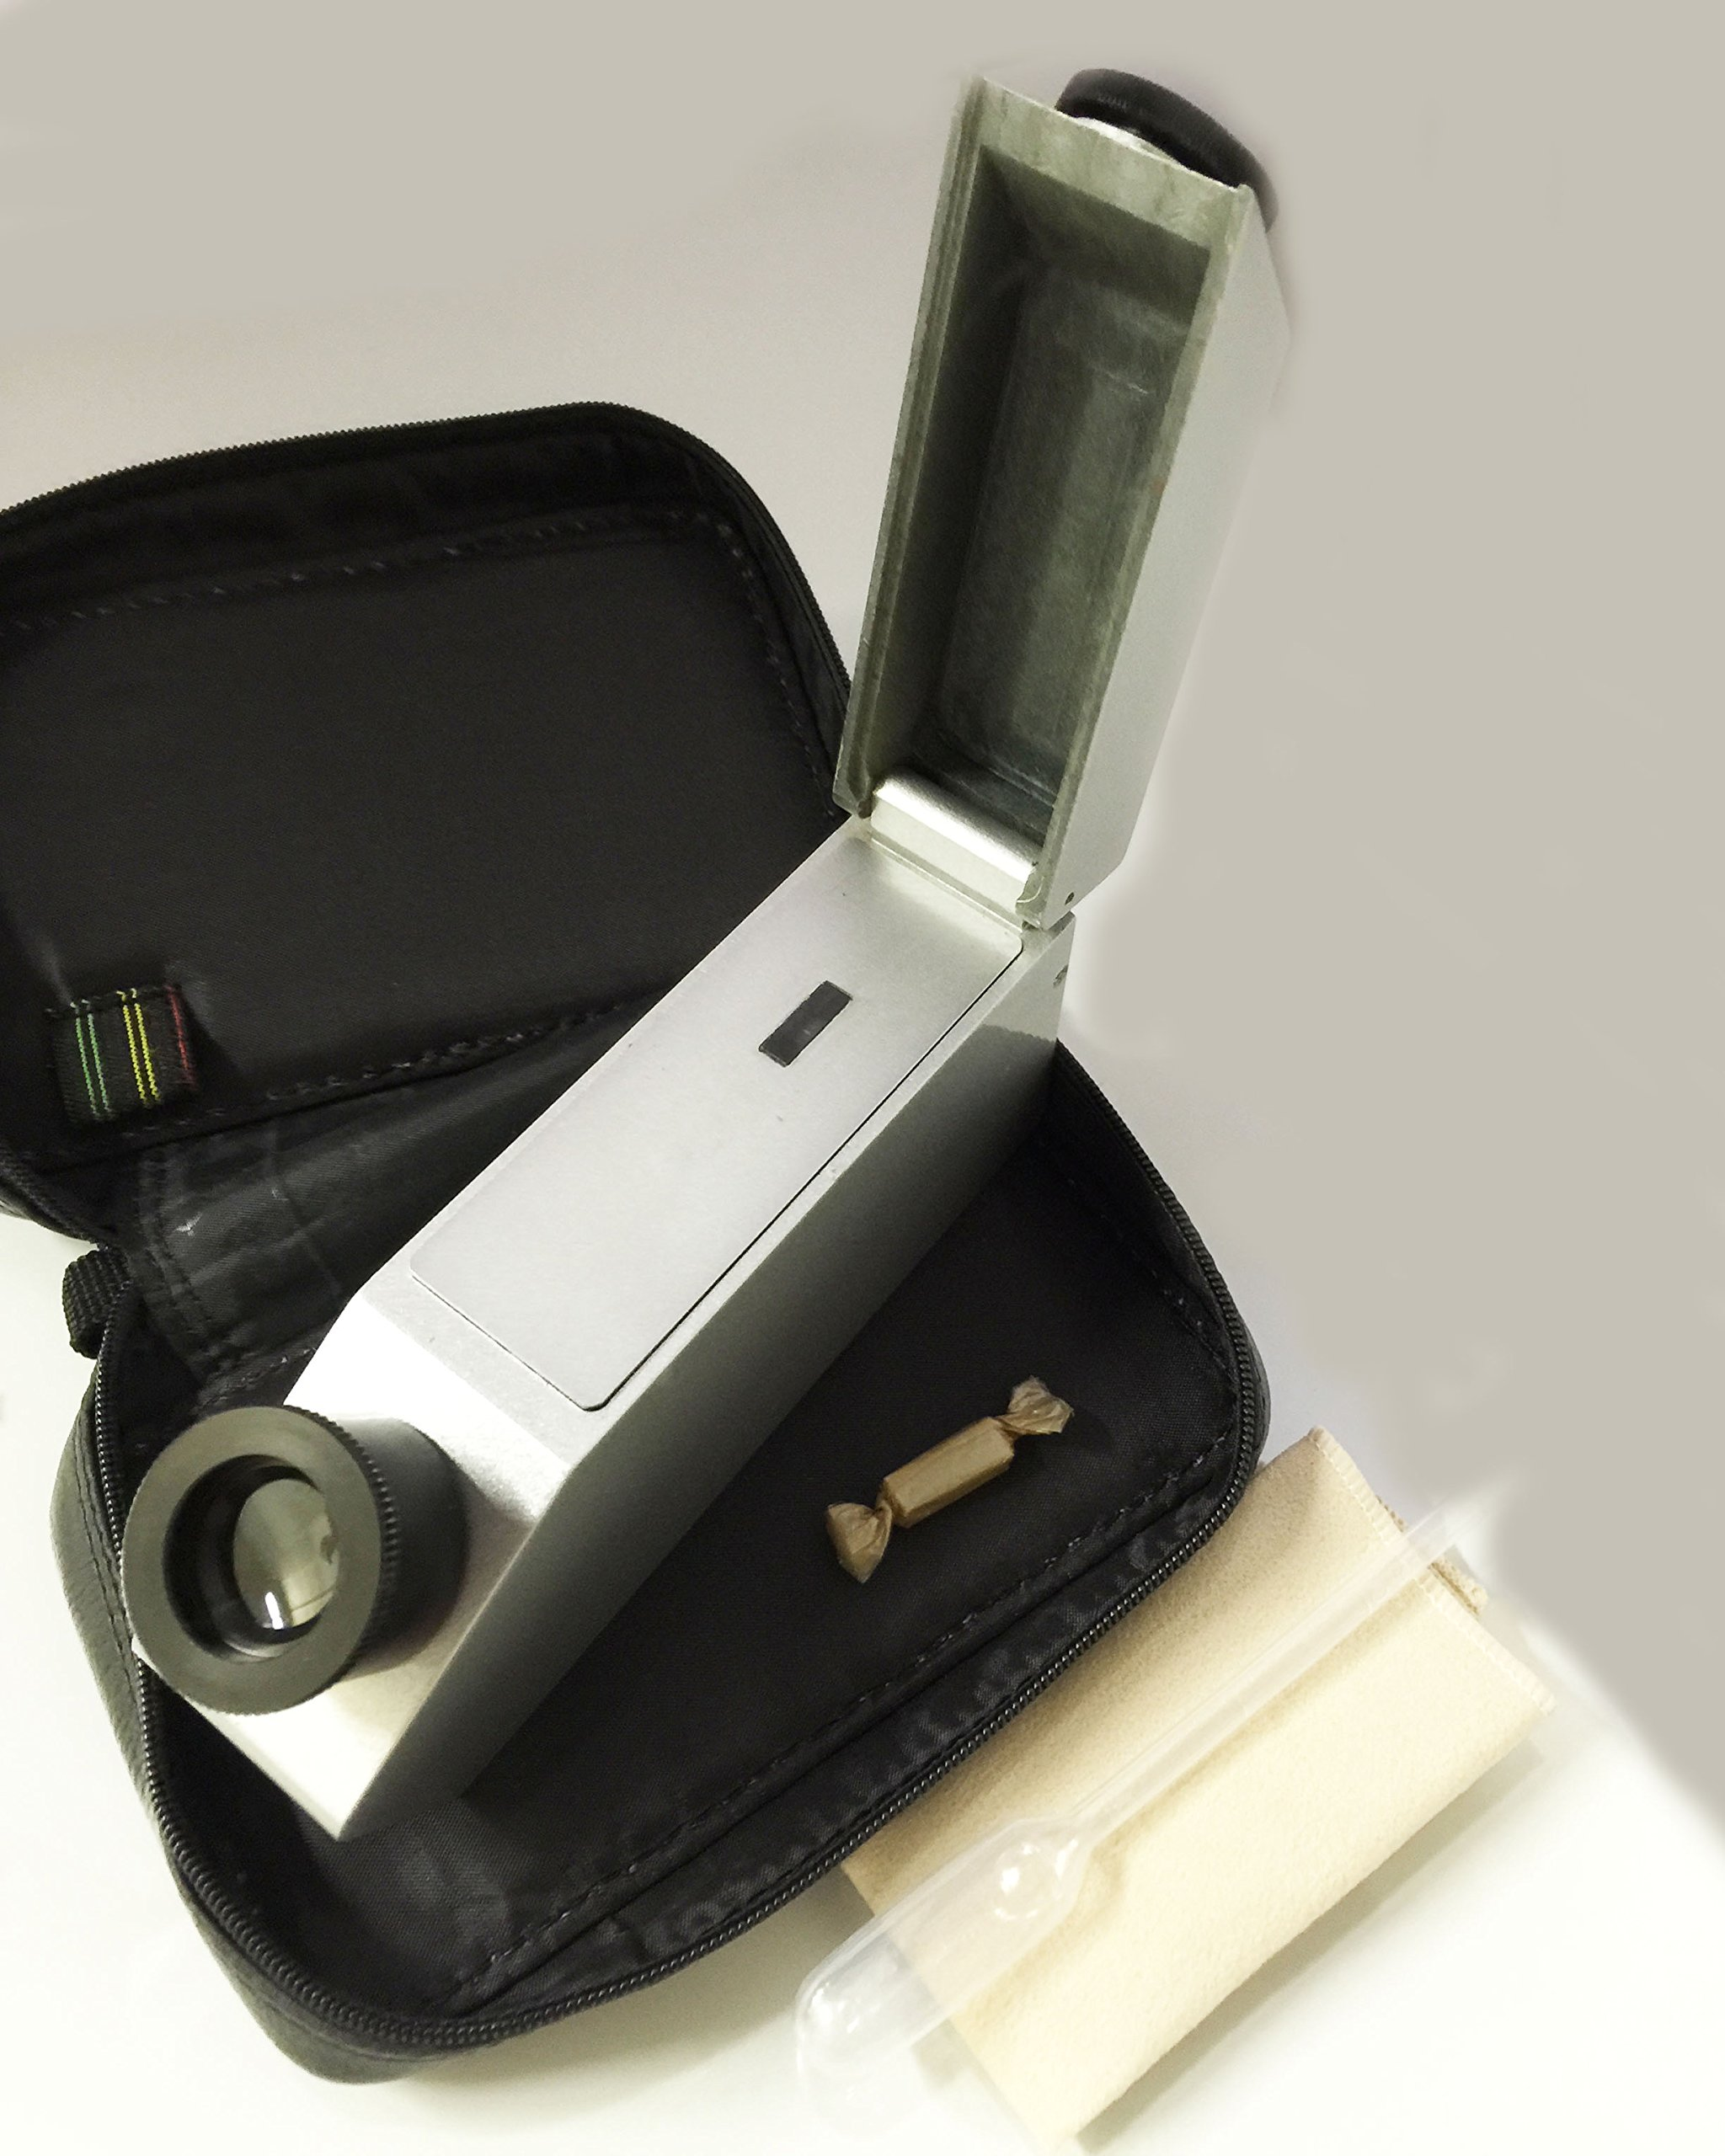 Gem Refractometer